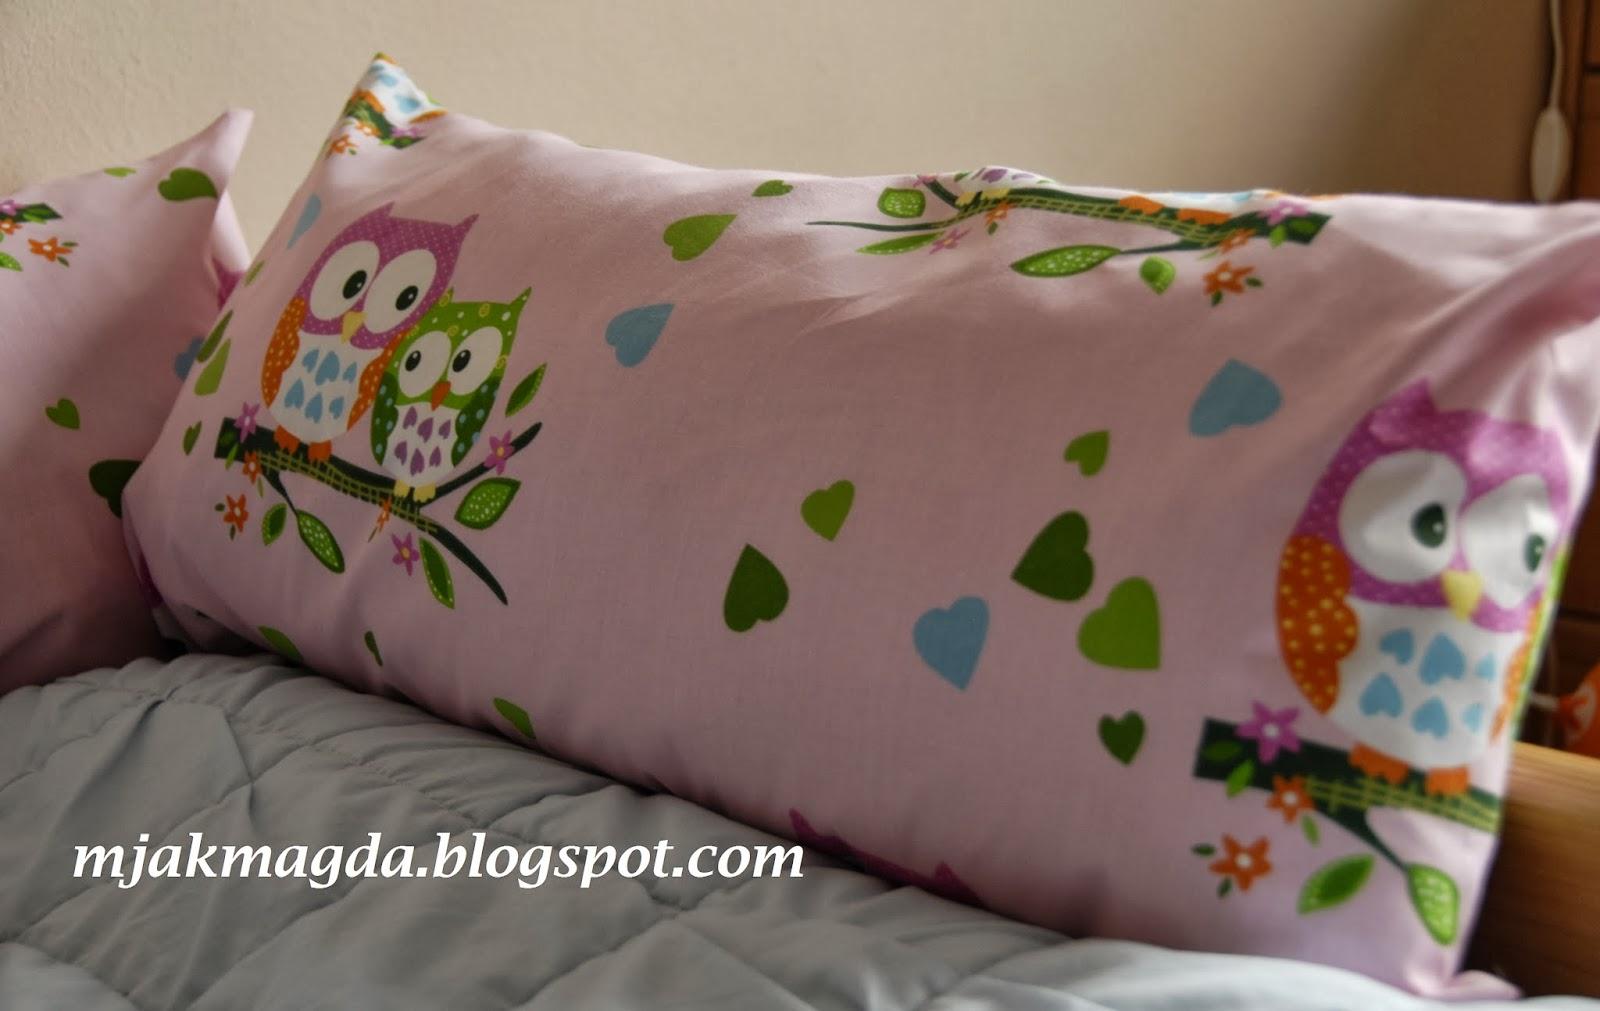 poduszka, poduszki, poszewka, poszewki, sowy, sówki, róż, różowa, przytulanie, międzynarodowy dzień przytulania, pastel, pastelowa, serca, serduszka, róż, różowa, słodka, dla dziewczynki, dziewczęca, dziecko, dla dziecka, zabaezpieczenie, miekka, wygodna, handmade, bawełna, cushion, pillow, pillowcase, pillowcases, owls, Sówka, roses, pink, cuddling, the international day of cuddles, crayon, pastel, heart, hearts, roses, pink, sweet, for girls, girls, child, children zabaezpieczenie, soft, comfortable, handmade, cotton,